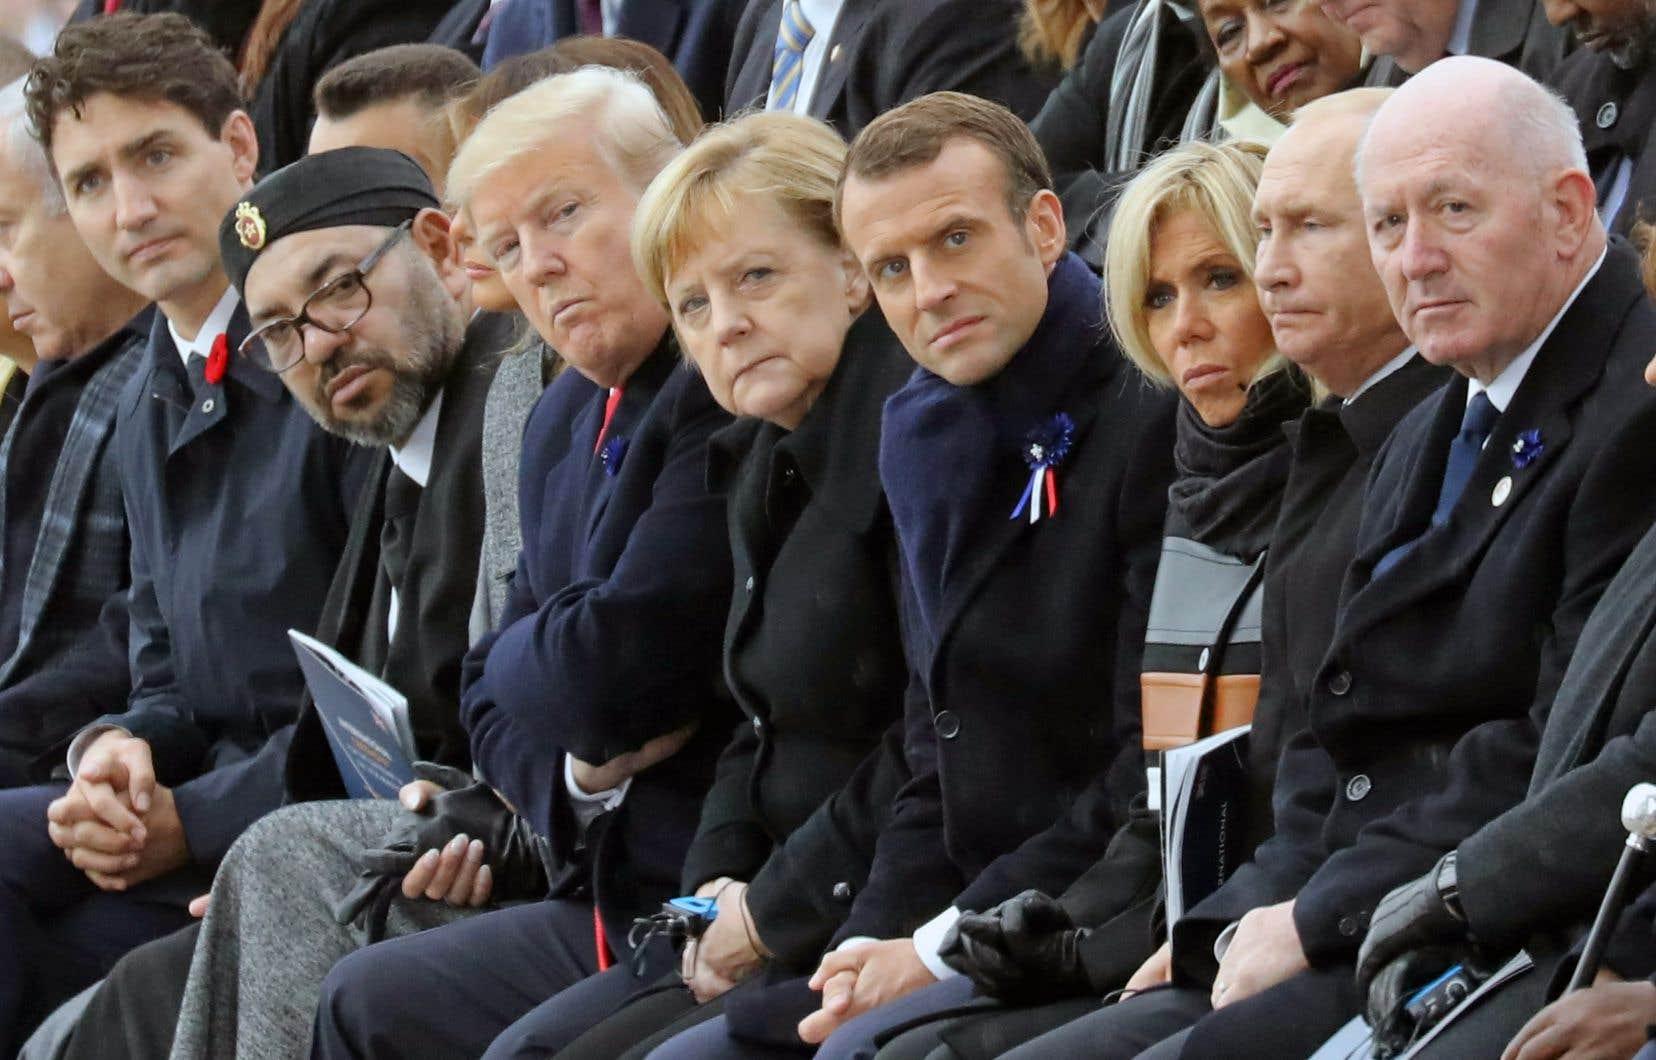 Justin Trudeau, Mohammed VI,Donald Trump, Angela Merkel, Emmanuel Macron et Vladimir Poutine étaient parmi les chefs d'État réunis à Paris pour célébrer le centenaire de l'Armistice.